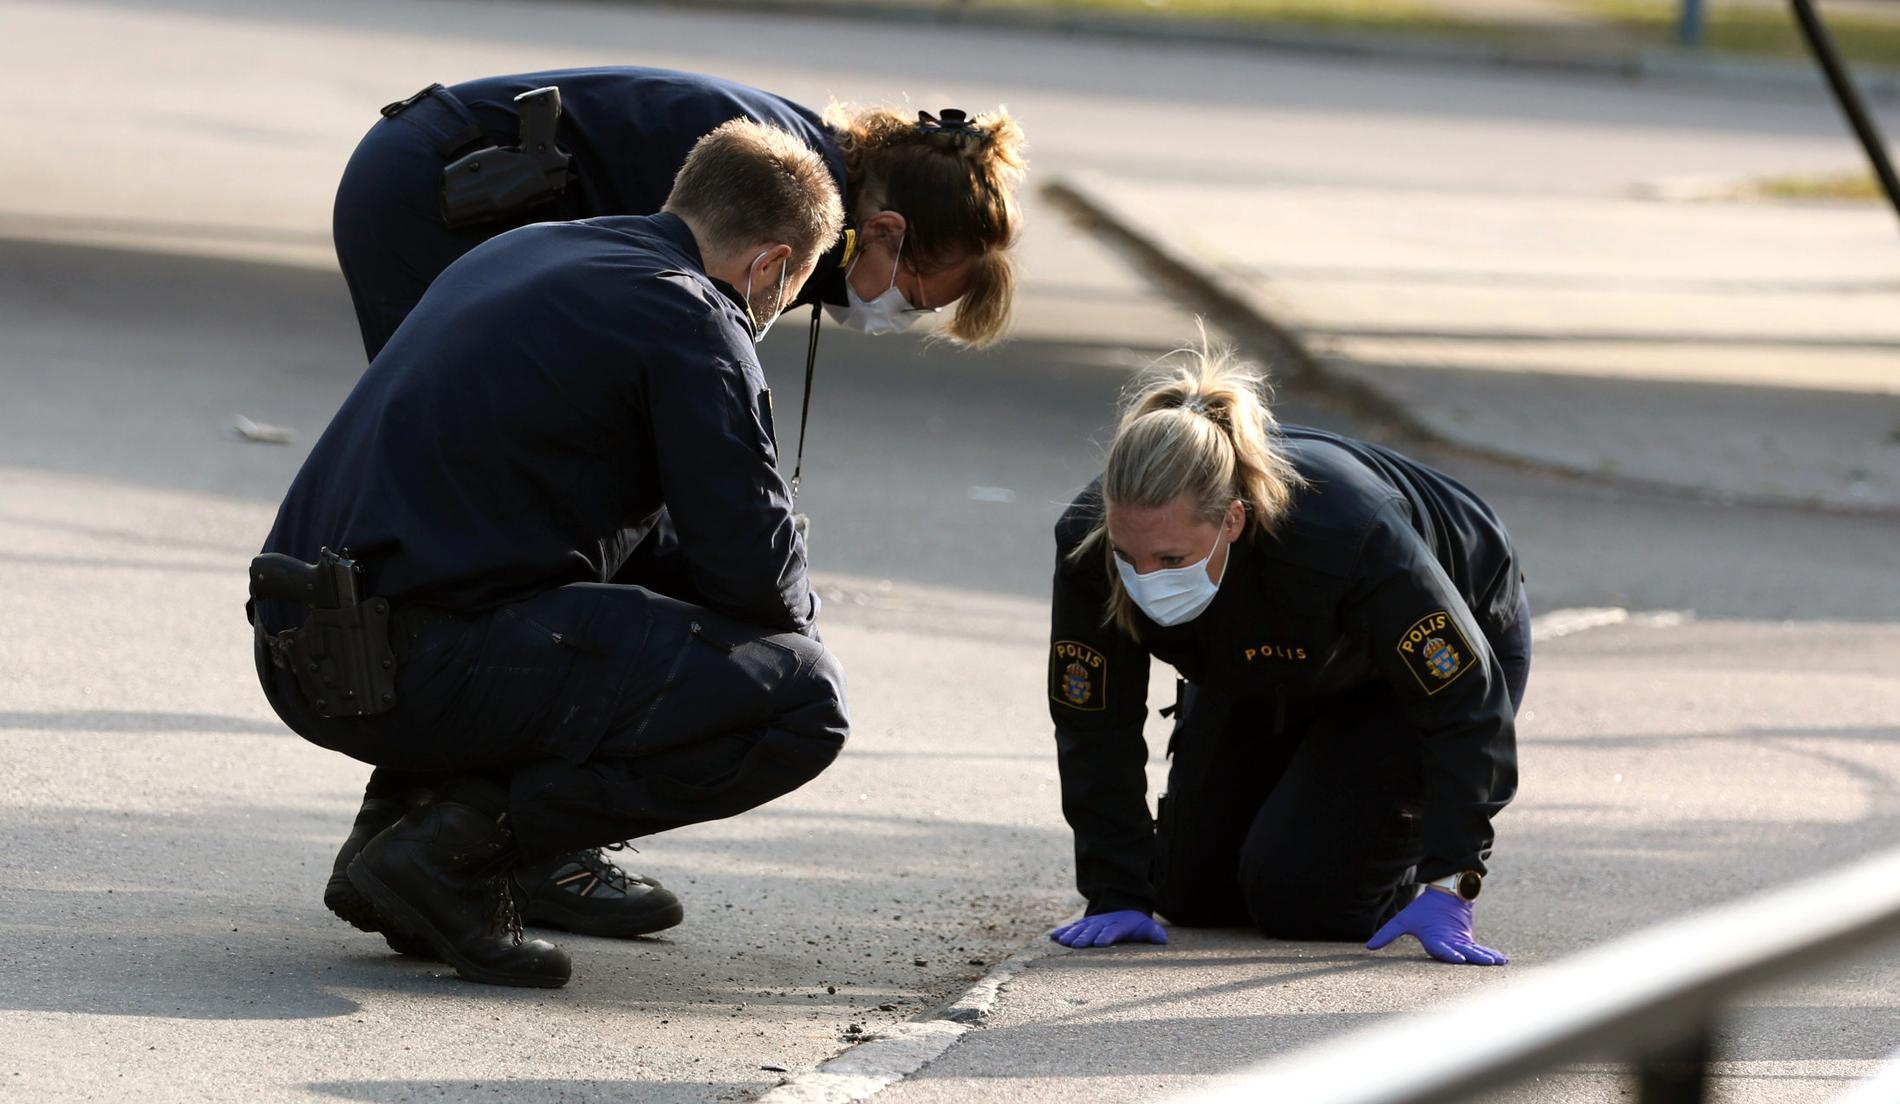 Teknisk undersökning efter dödsskjutningen.